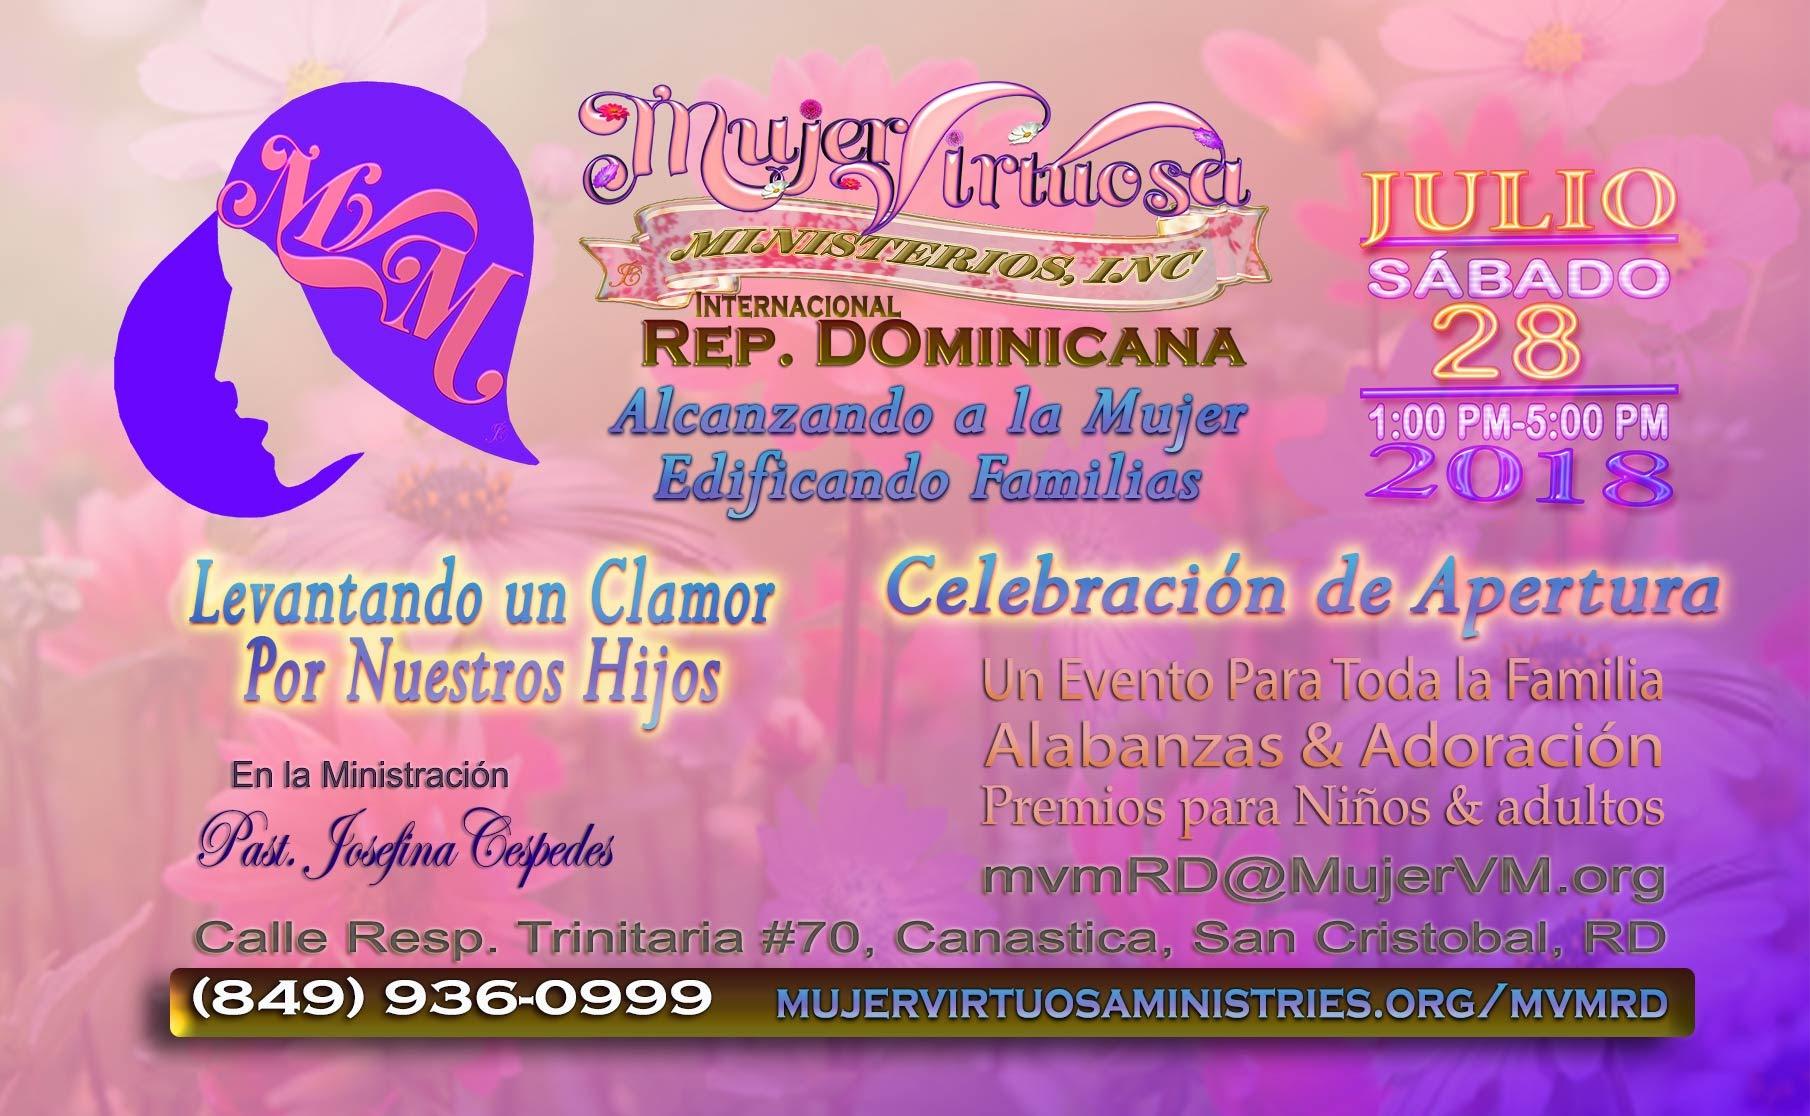 Mujer Virtuosa Republica Dominicana Apertura